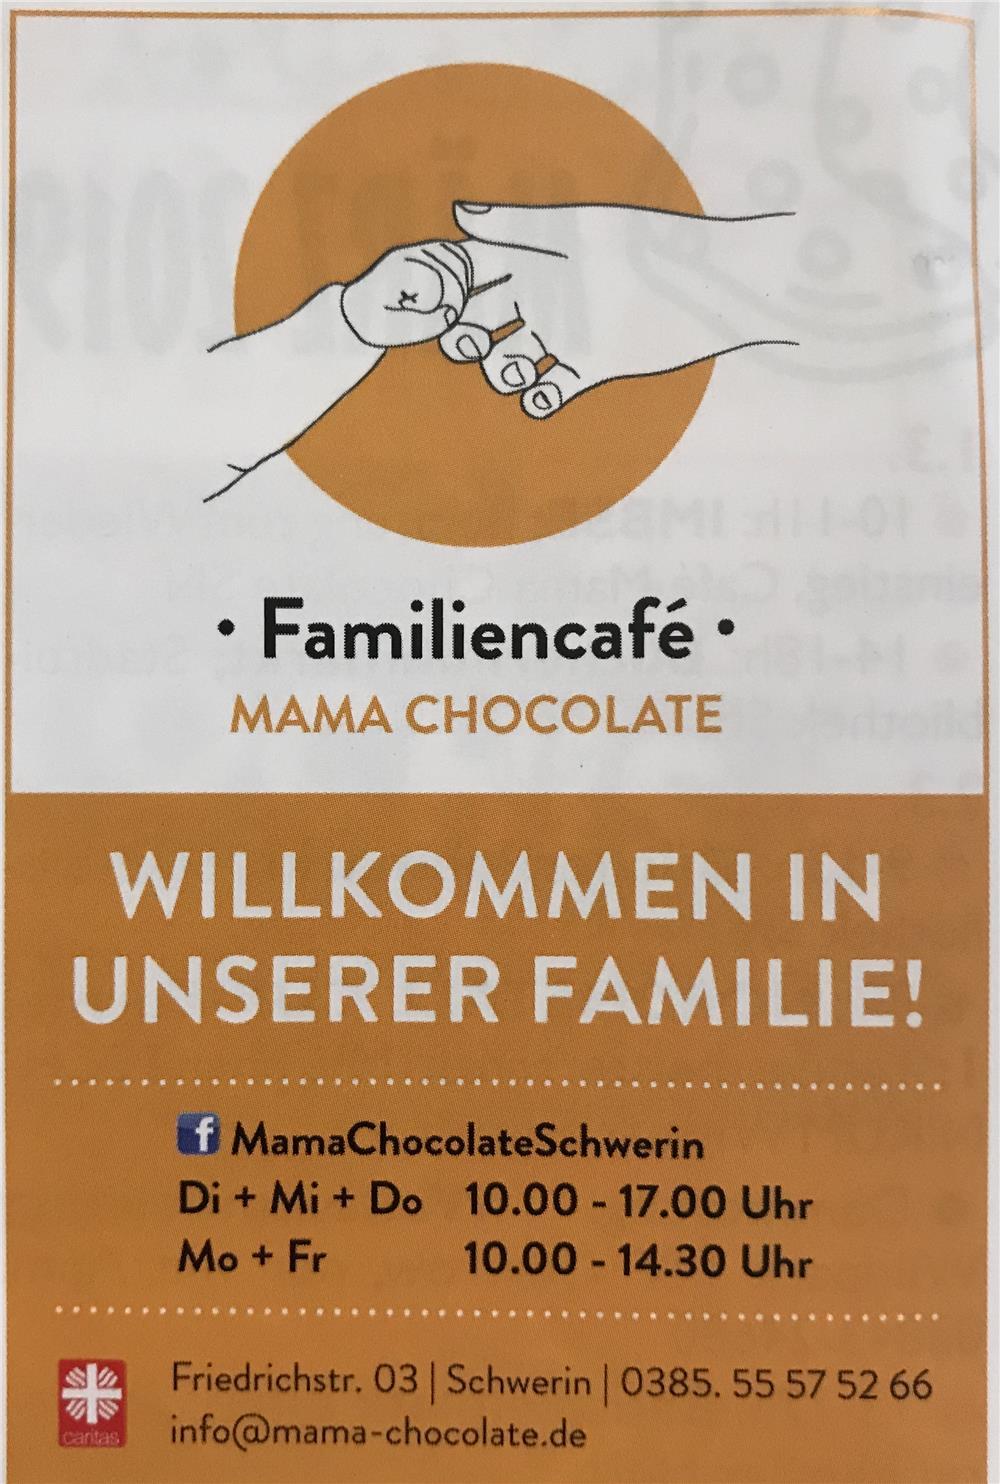 Mama Chocolate Schwerin